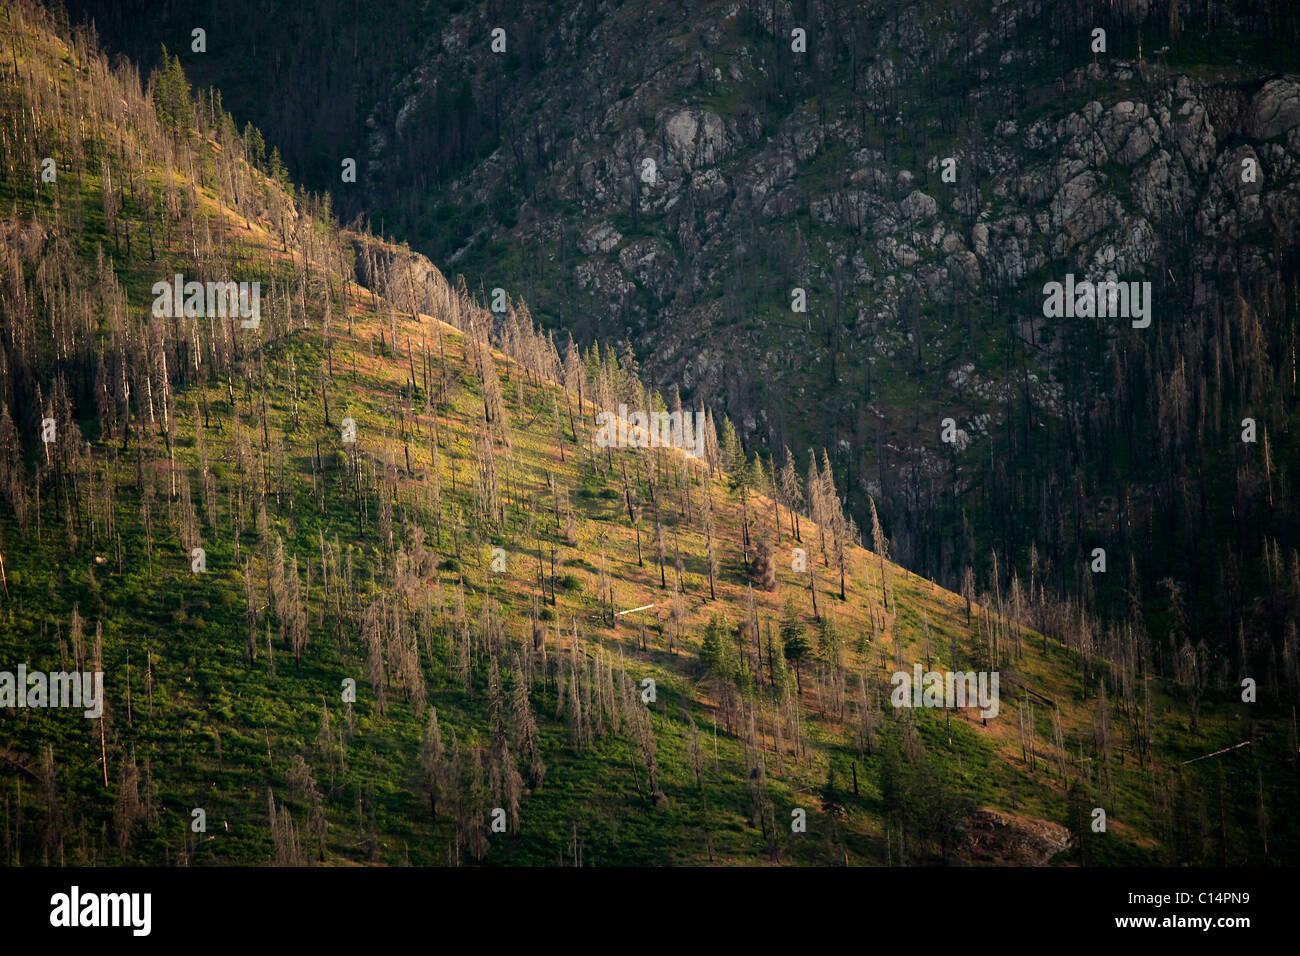 Cubierta de pinos muertos una pendiente pronunciada en las orillas del Lago Chelan en el condado de Chelan, el norte del estado de Washington. Foto de stock